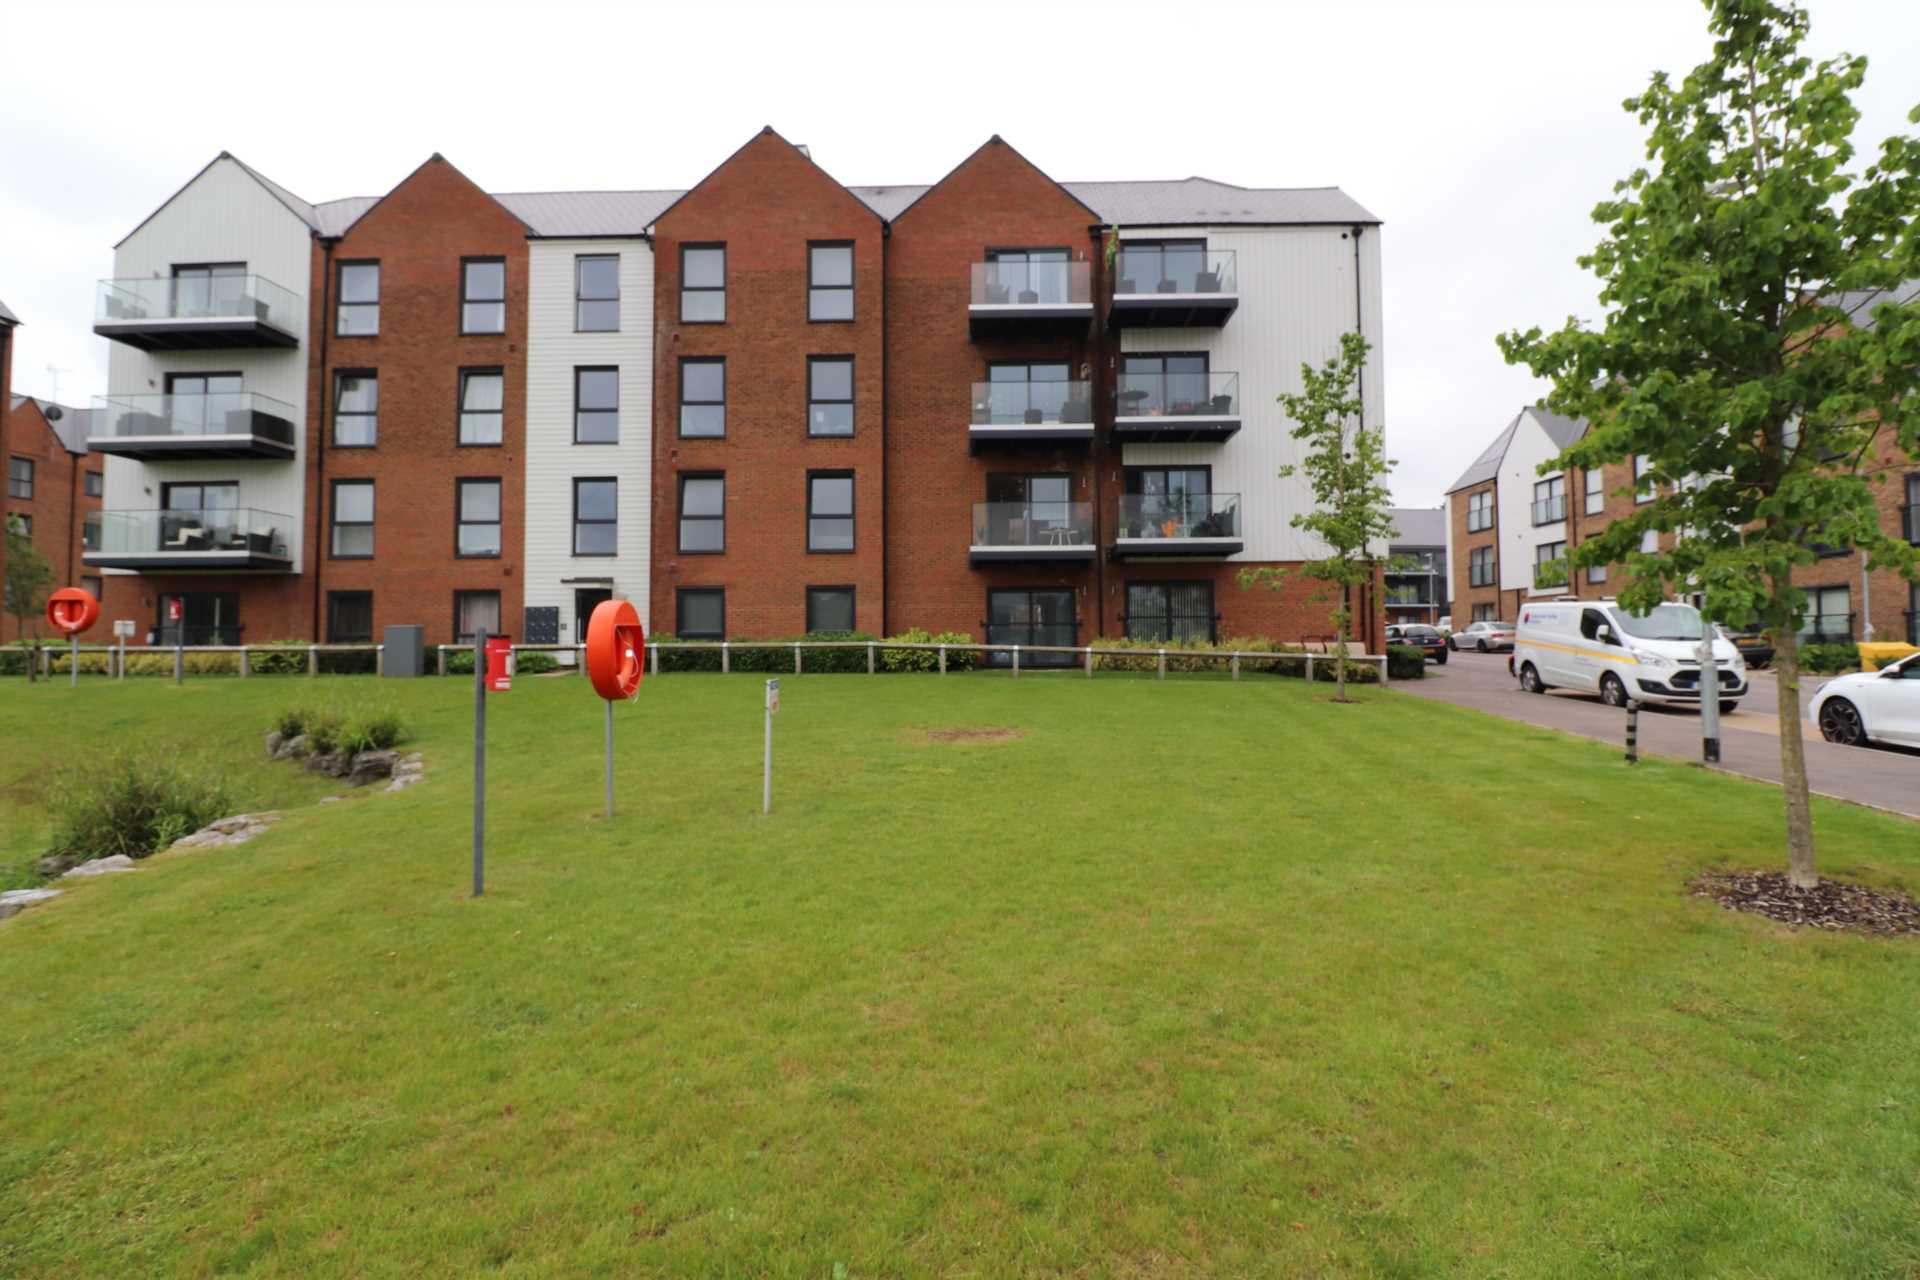 Property King Estate Agents - 2 Bedroom Flat, Engelsine Court, Greenhithe